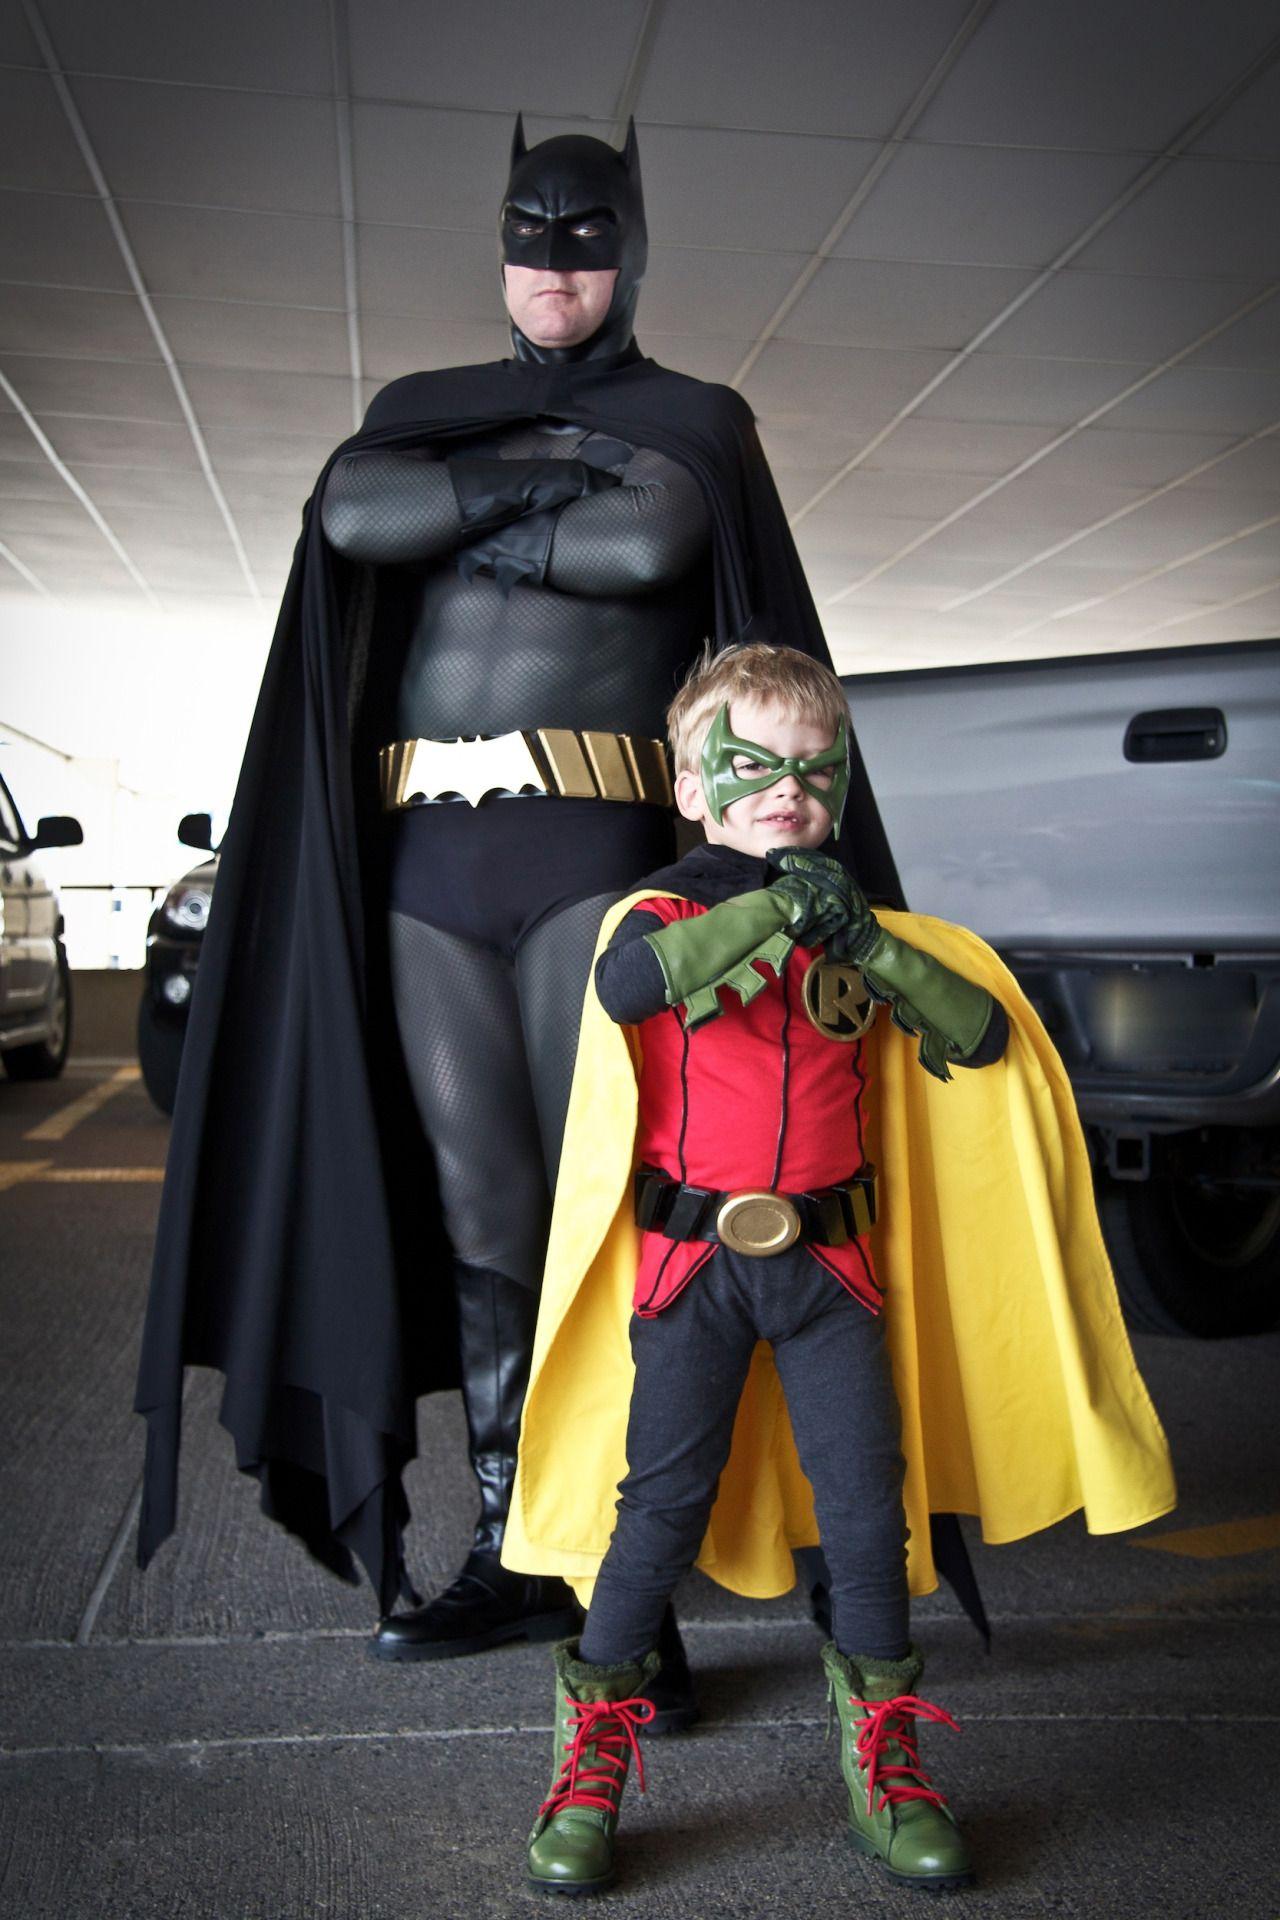 batman and #robin #cosplay dad and son. #robin #batman #cosplay